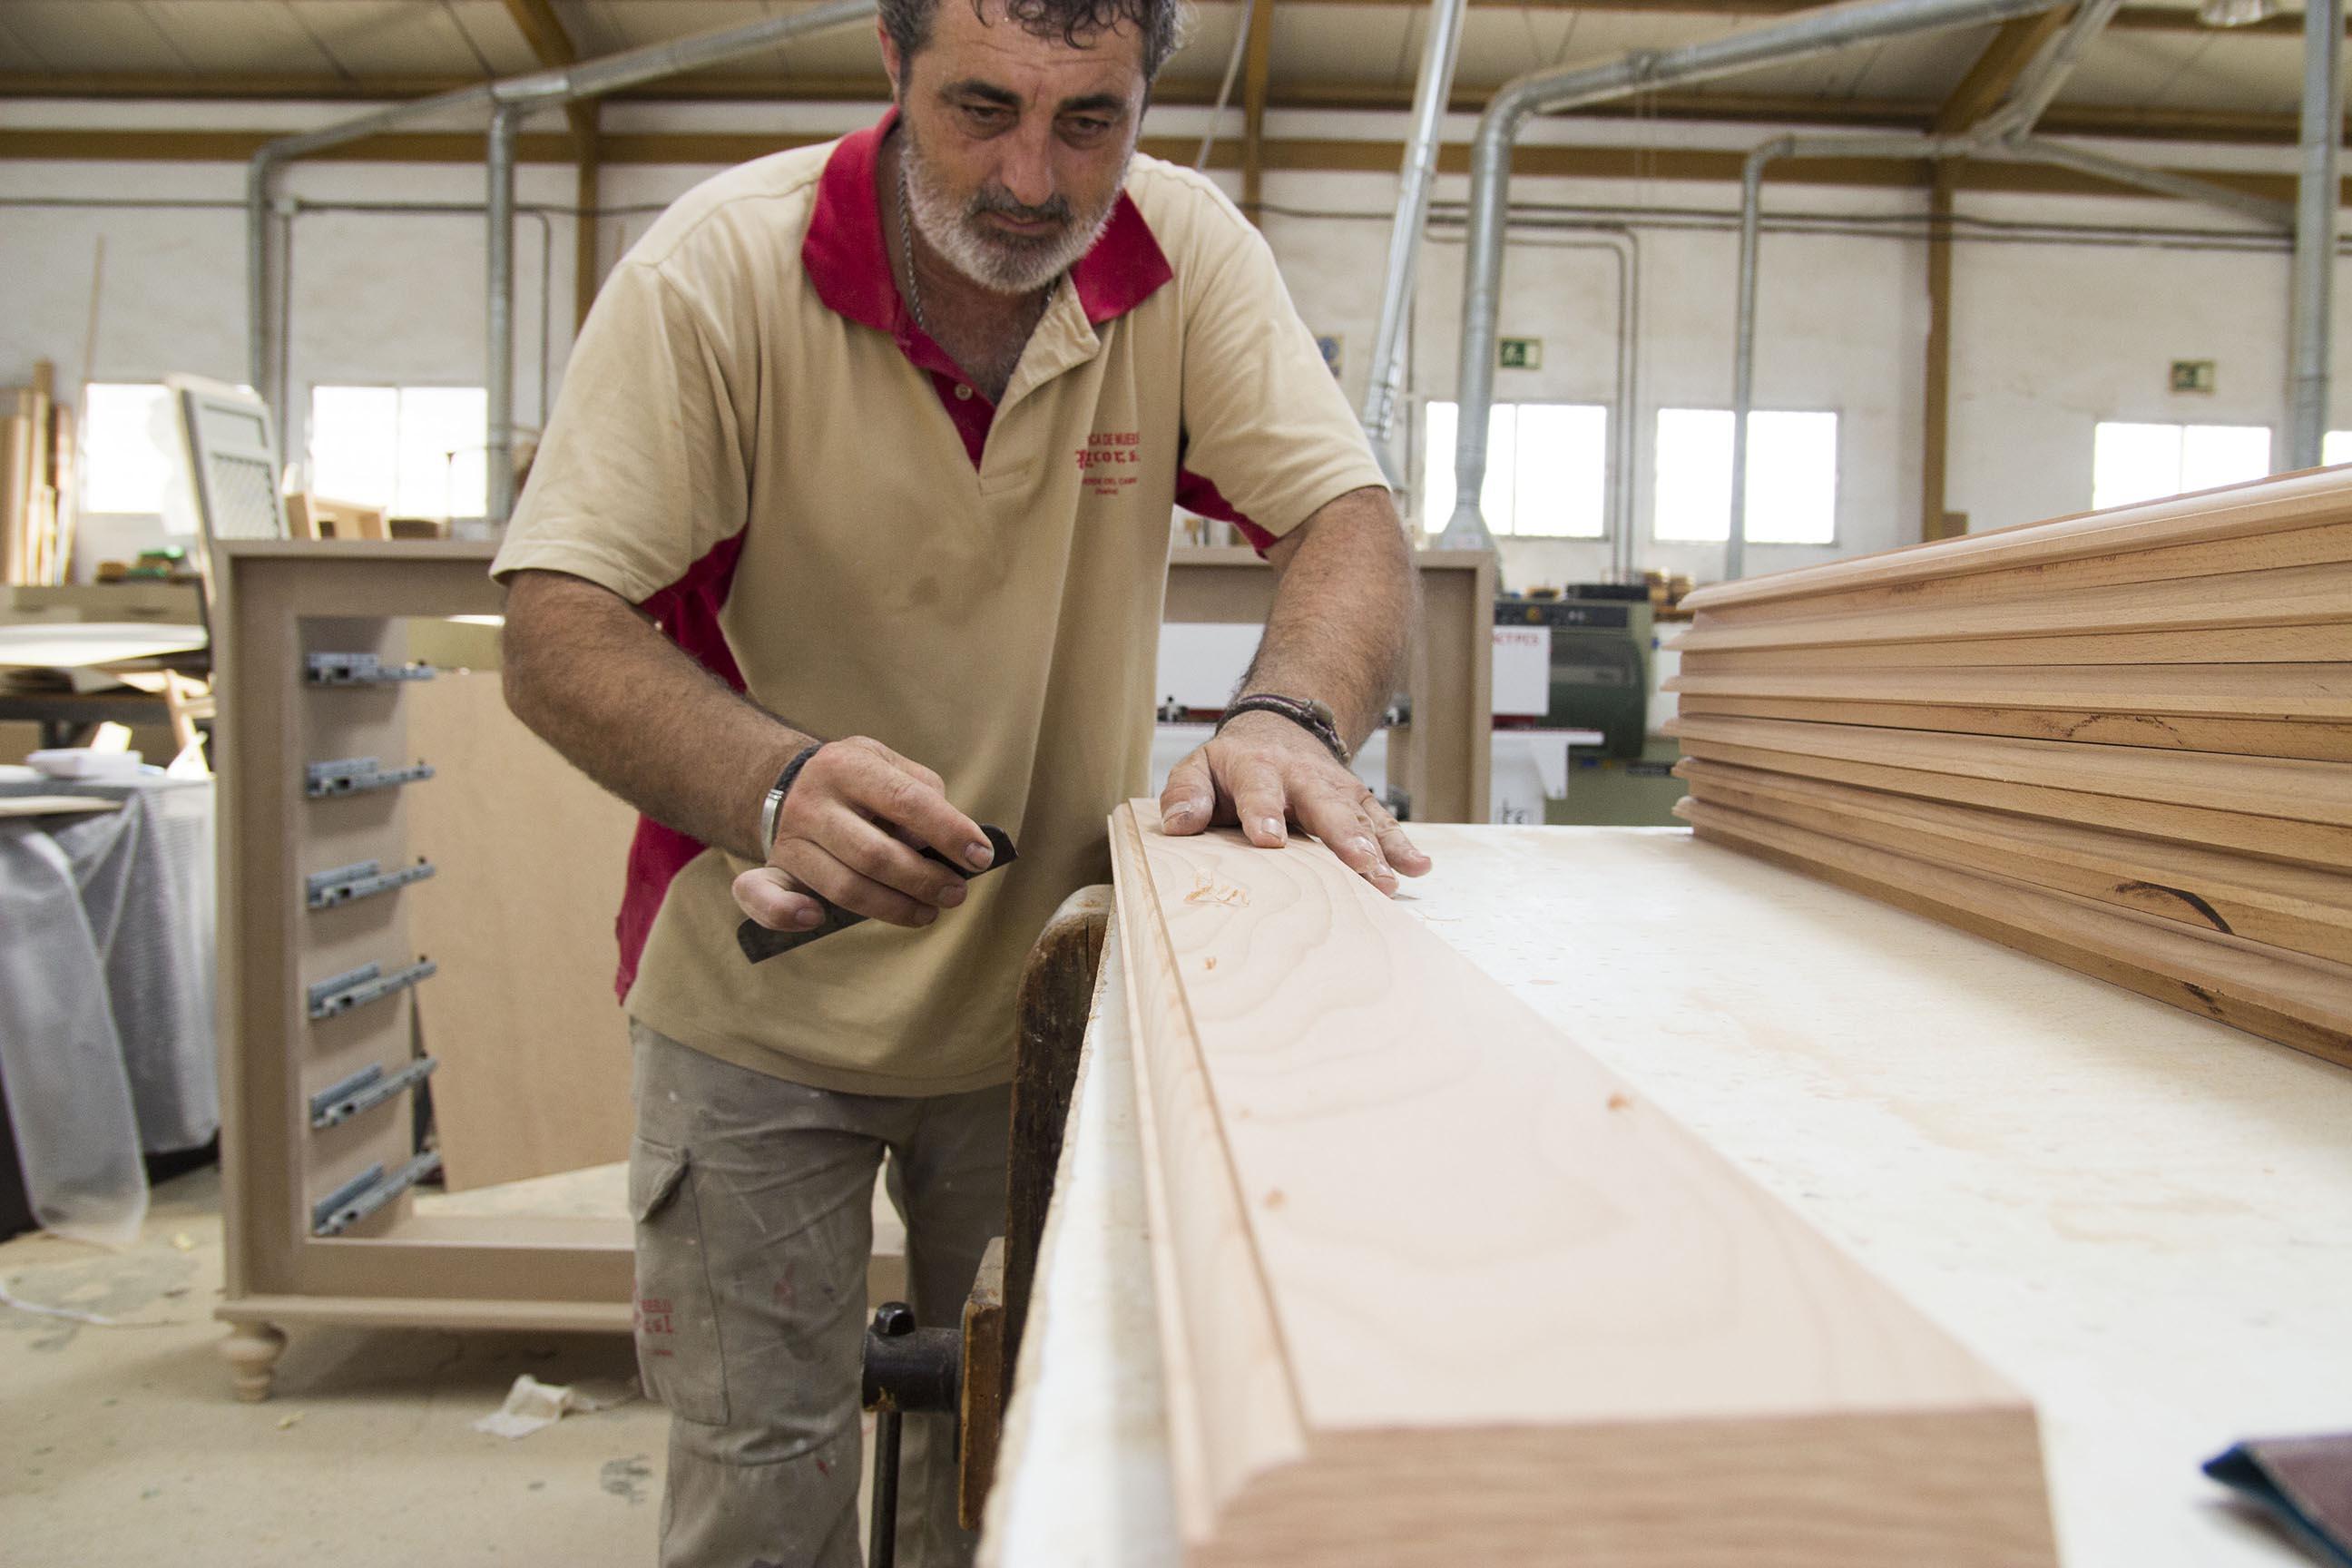 El mueble a medida de Valverde espera consolidar el mercado nacional con un trabajo de calidad y artesano